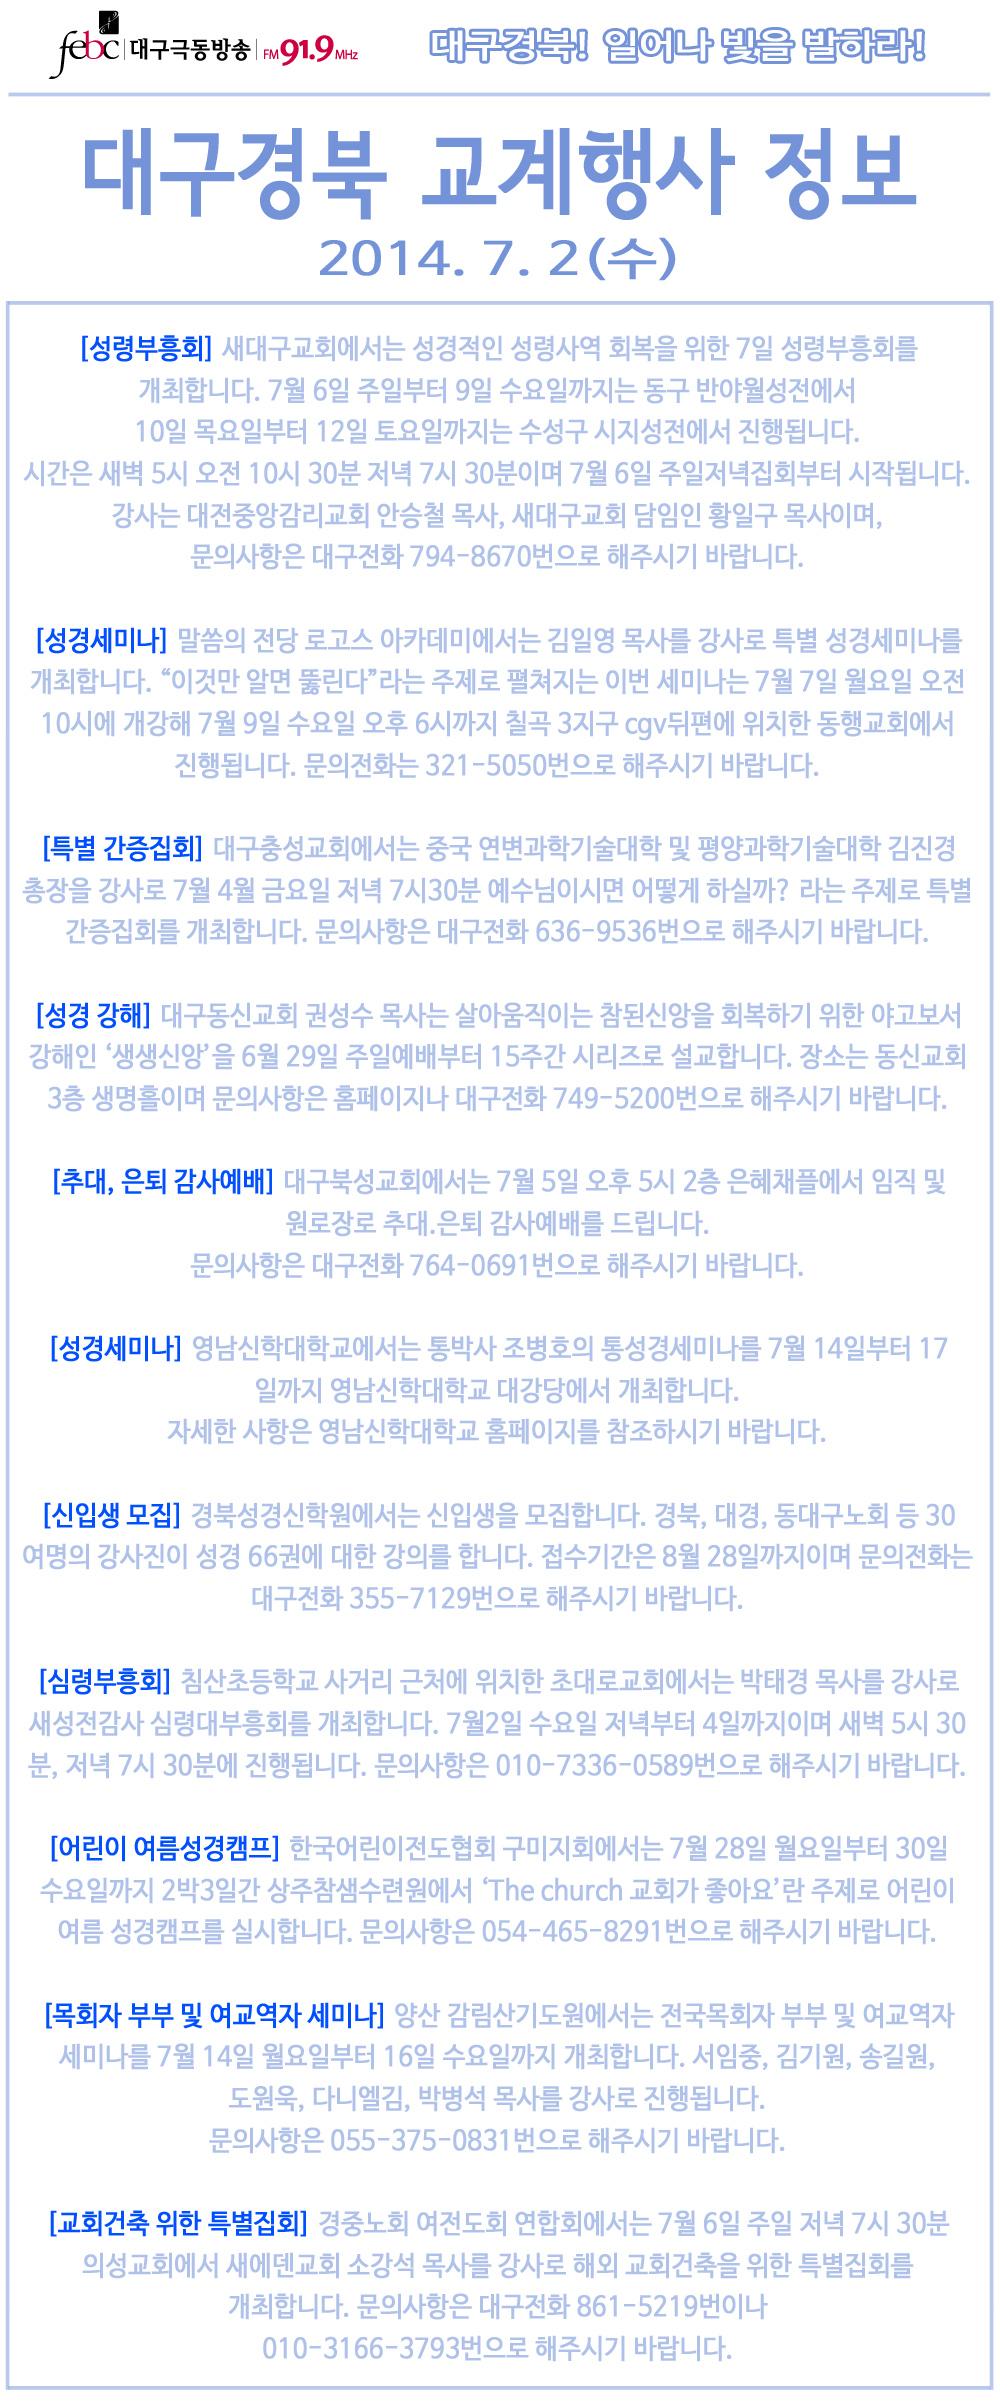 대구경북 교계행사 정보(20140702).jpg